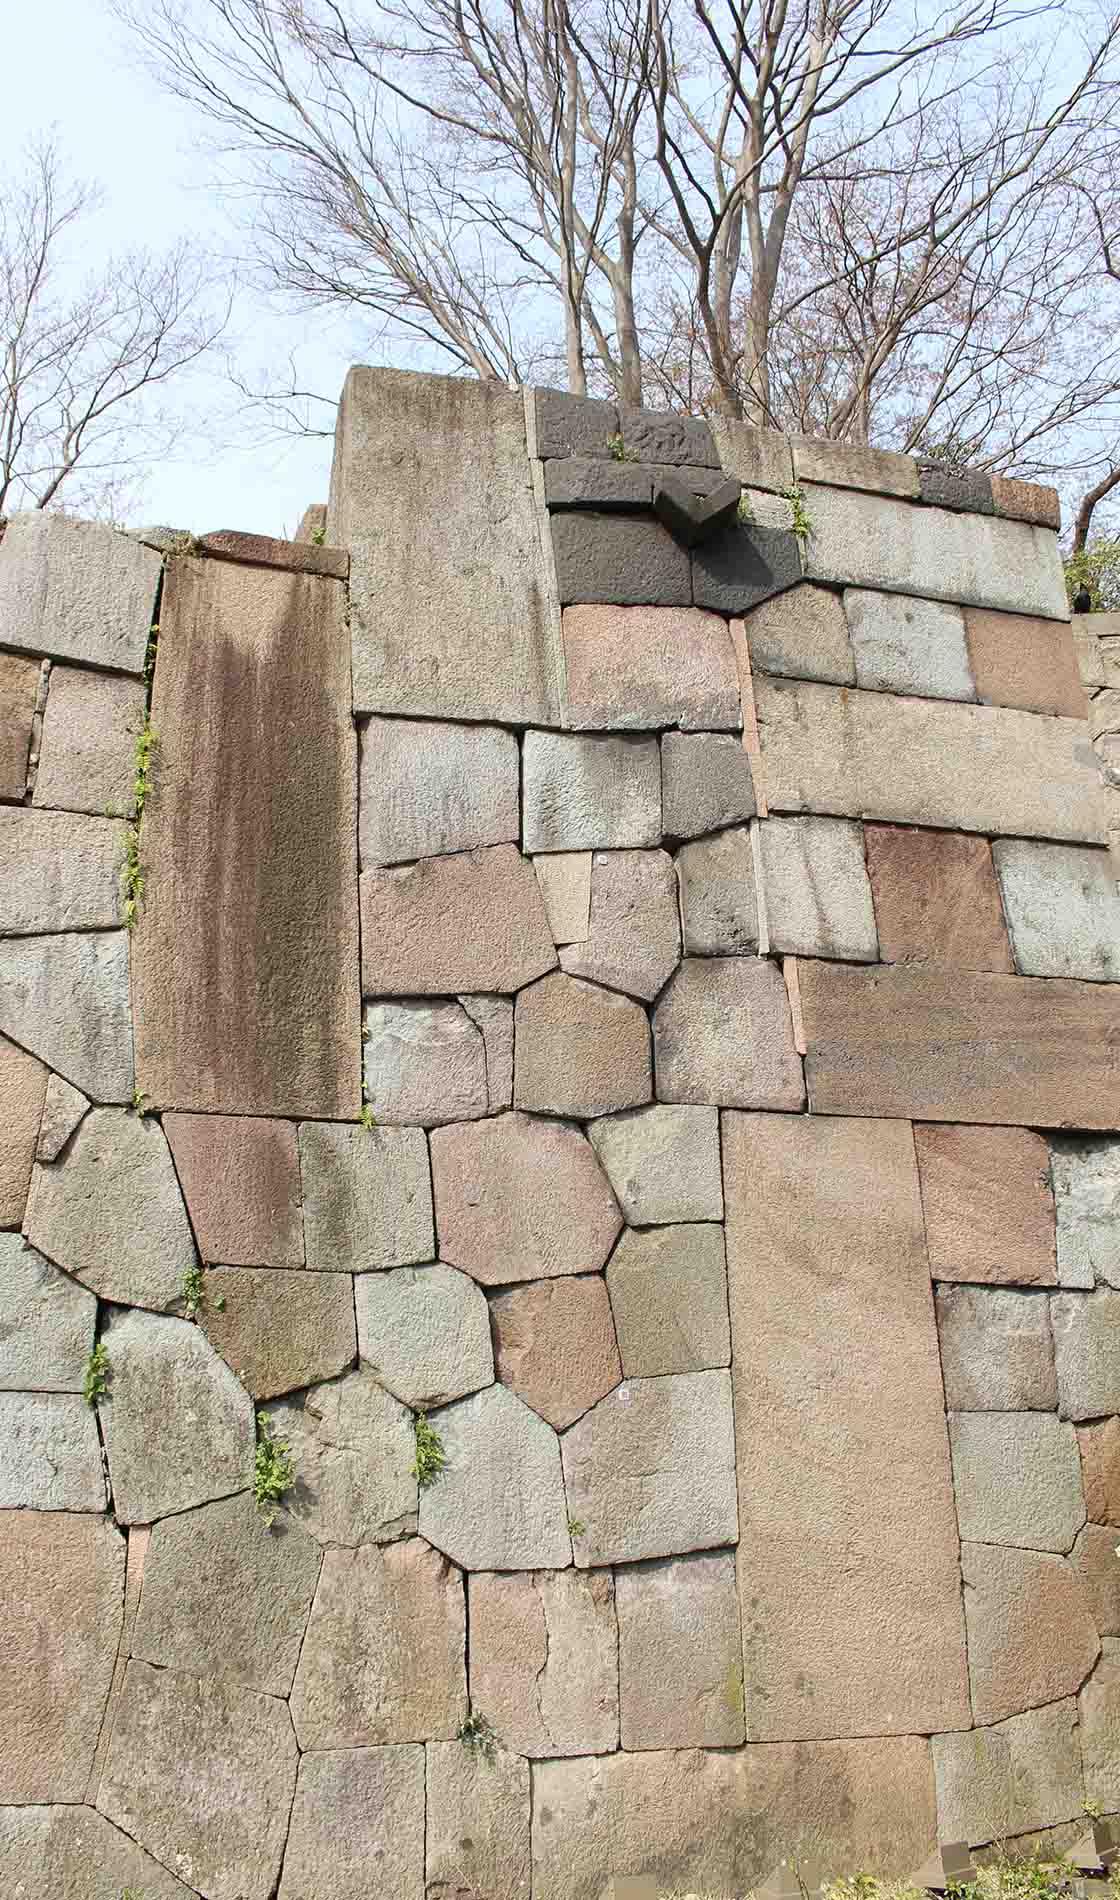 玉泉院丸庭園の「色紙短冊積み」。石の形や色の組み合わせ、並べ方ににデザイン性があり、庭の景観要素と考えられているというのもうなずける